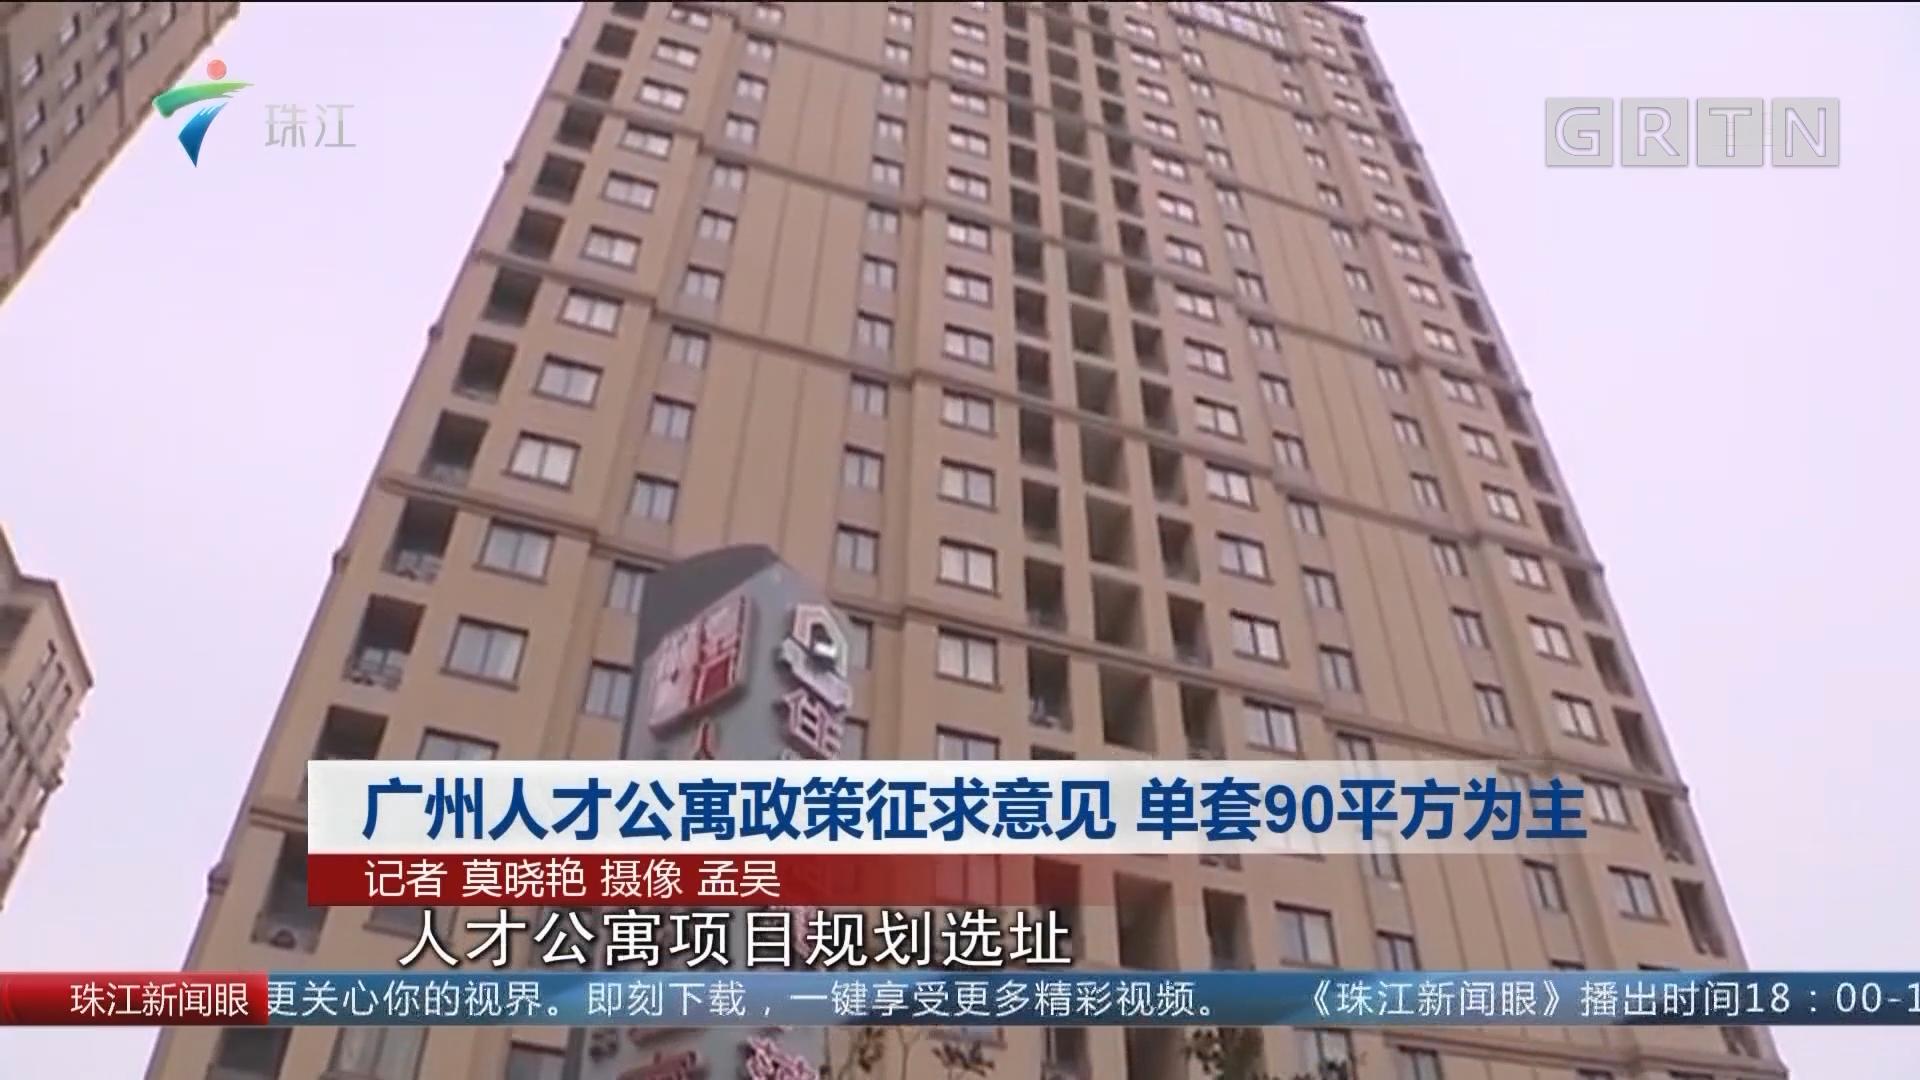 广州人才公寓政策征求意见 单套90平方为主